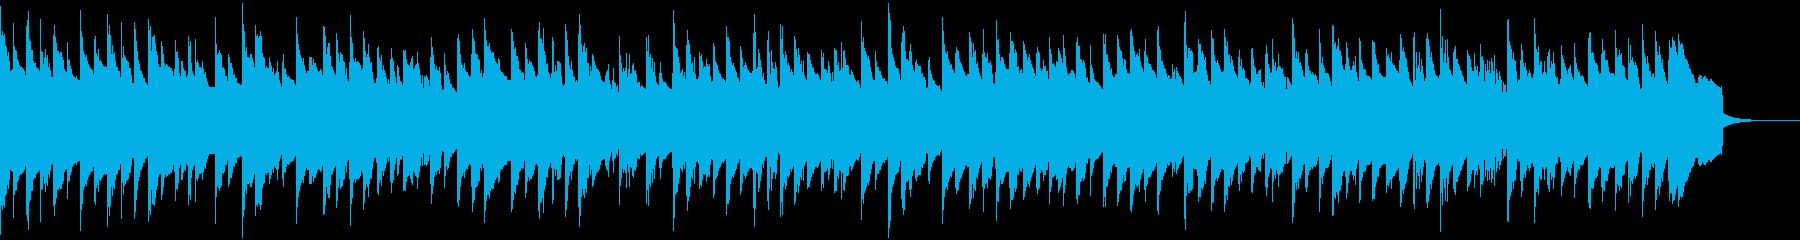 七夕さま (ファミコン)の再生済みの波形